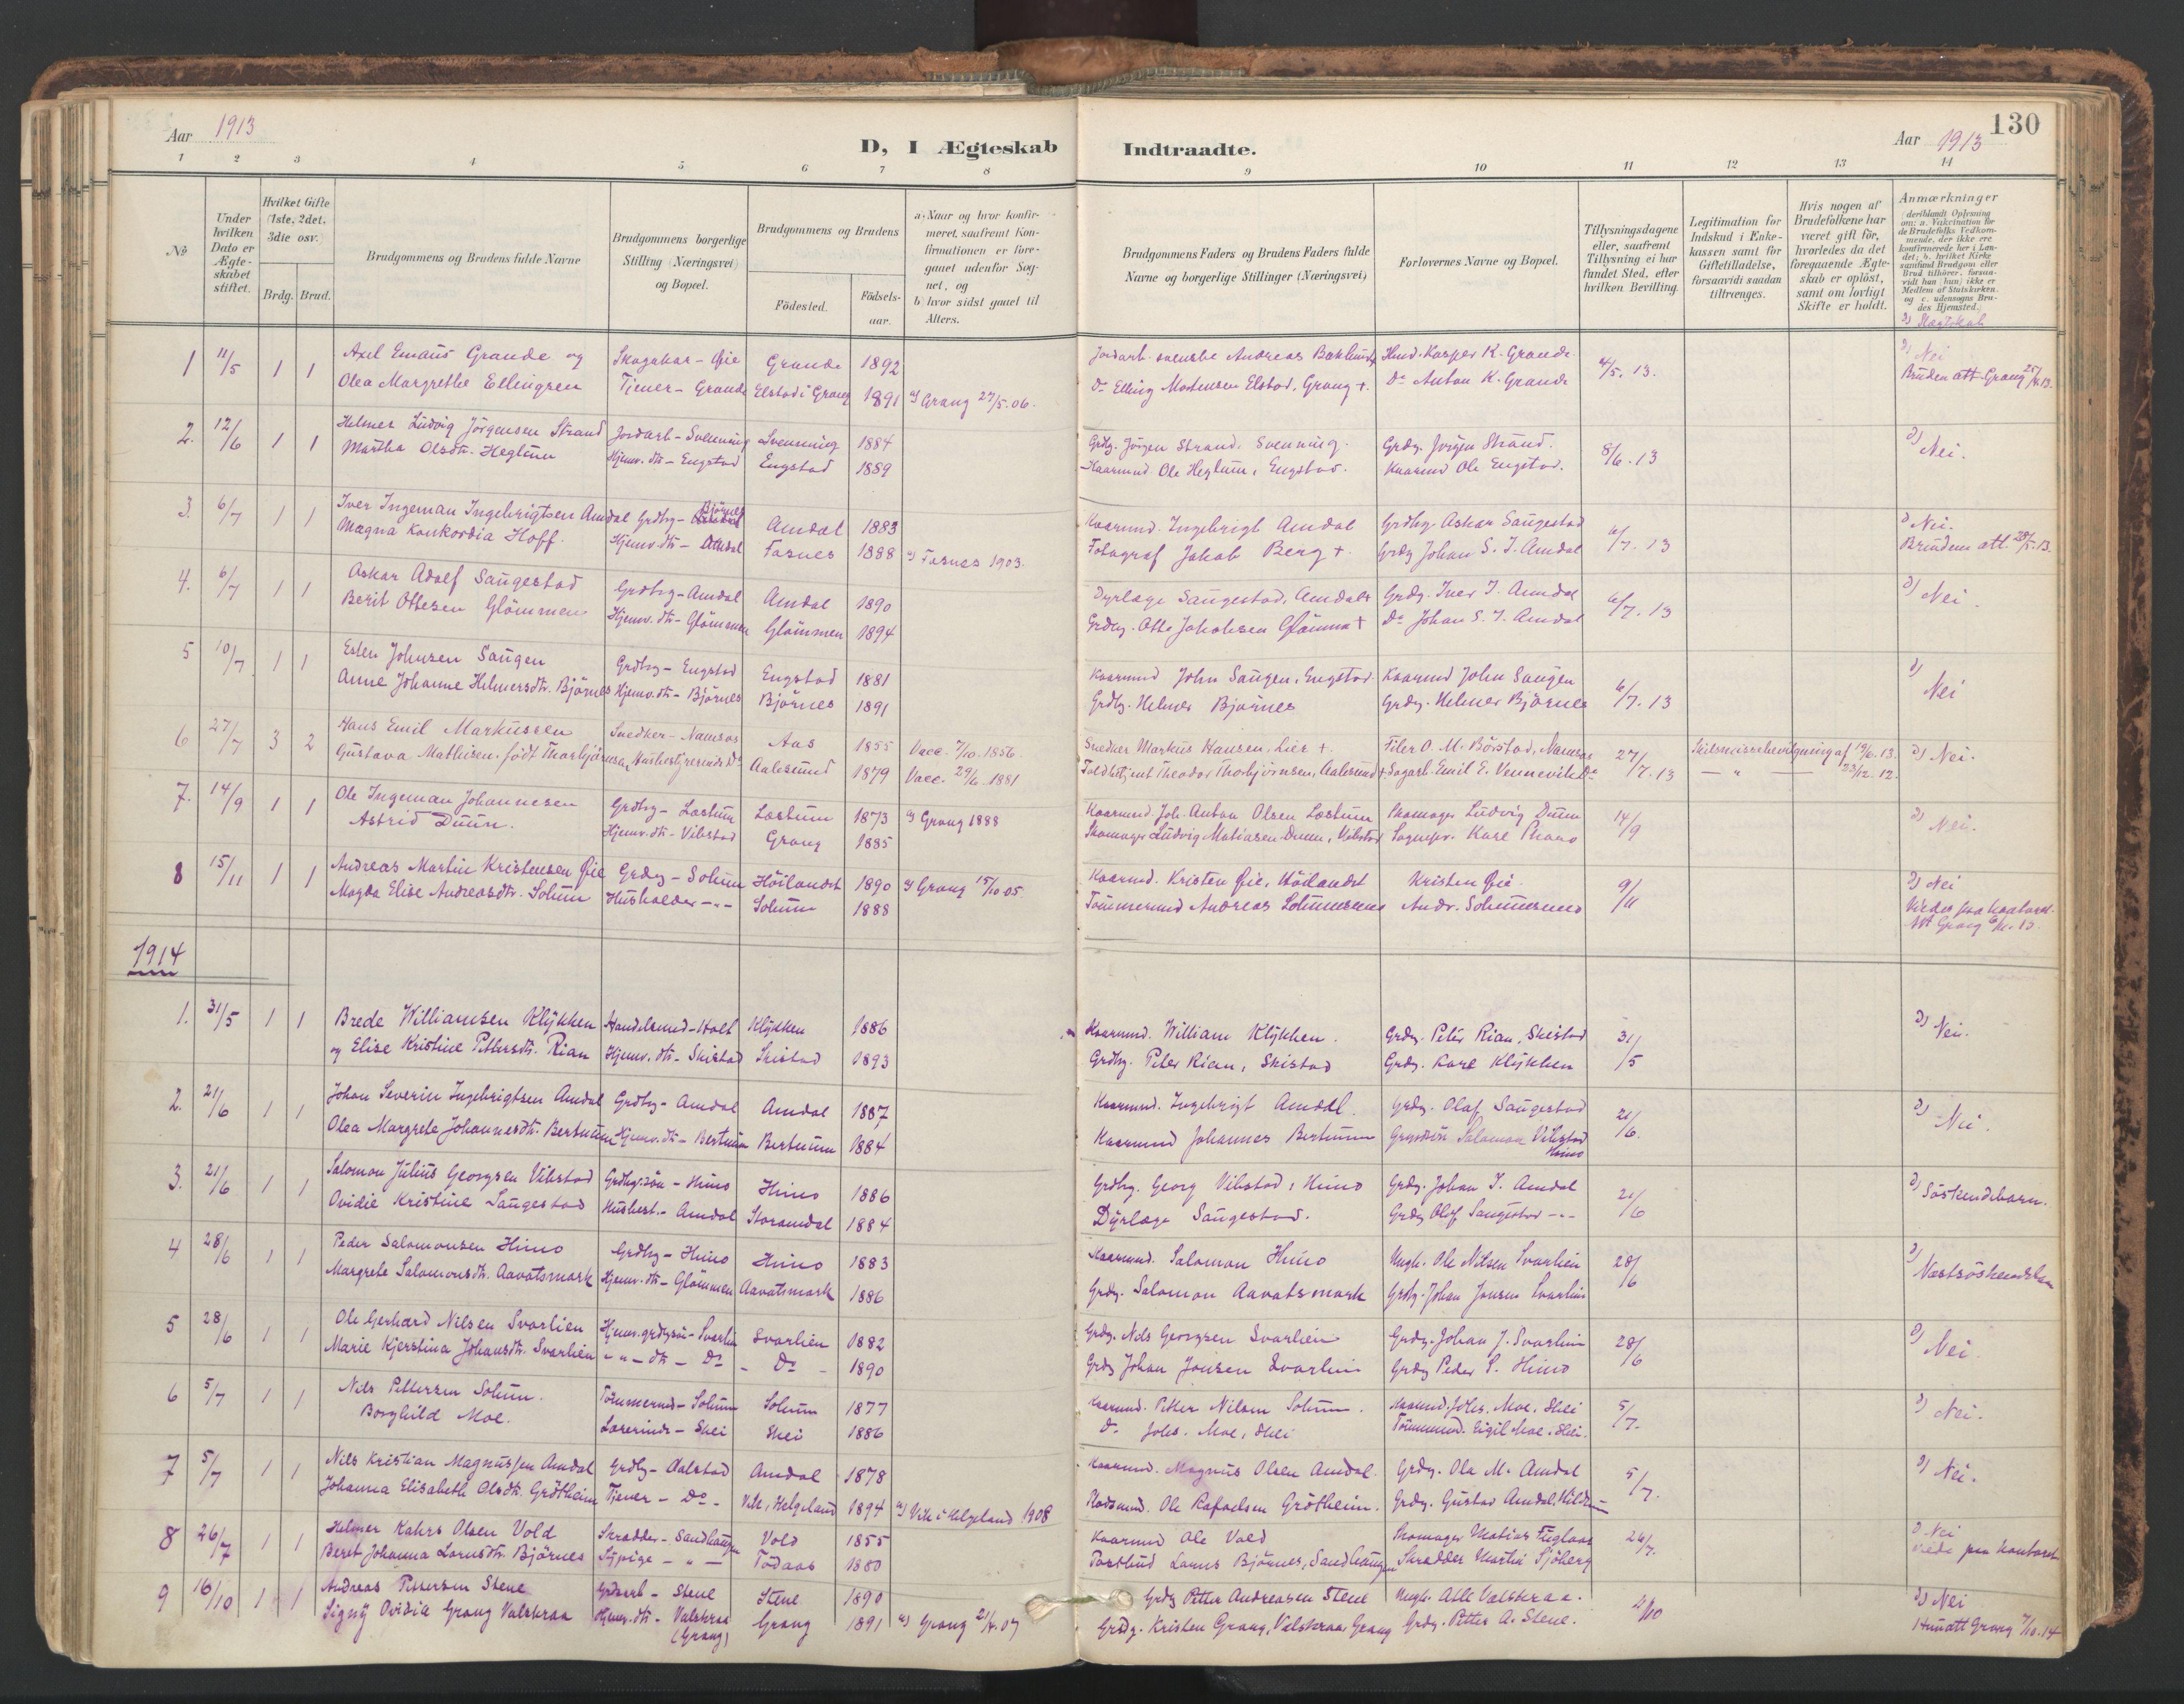 SAT, Ministerialprotokoller, klokkerbøker og fødselsregistre - Nord-Trøndelag, 764/L0556: Ministerialbok nr. 764A11, 1897-1924, s. 130